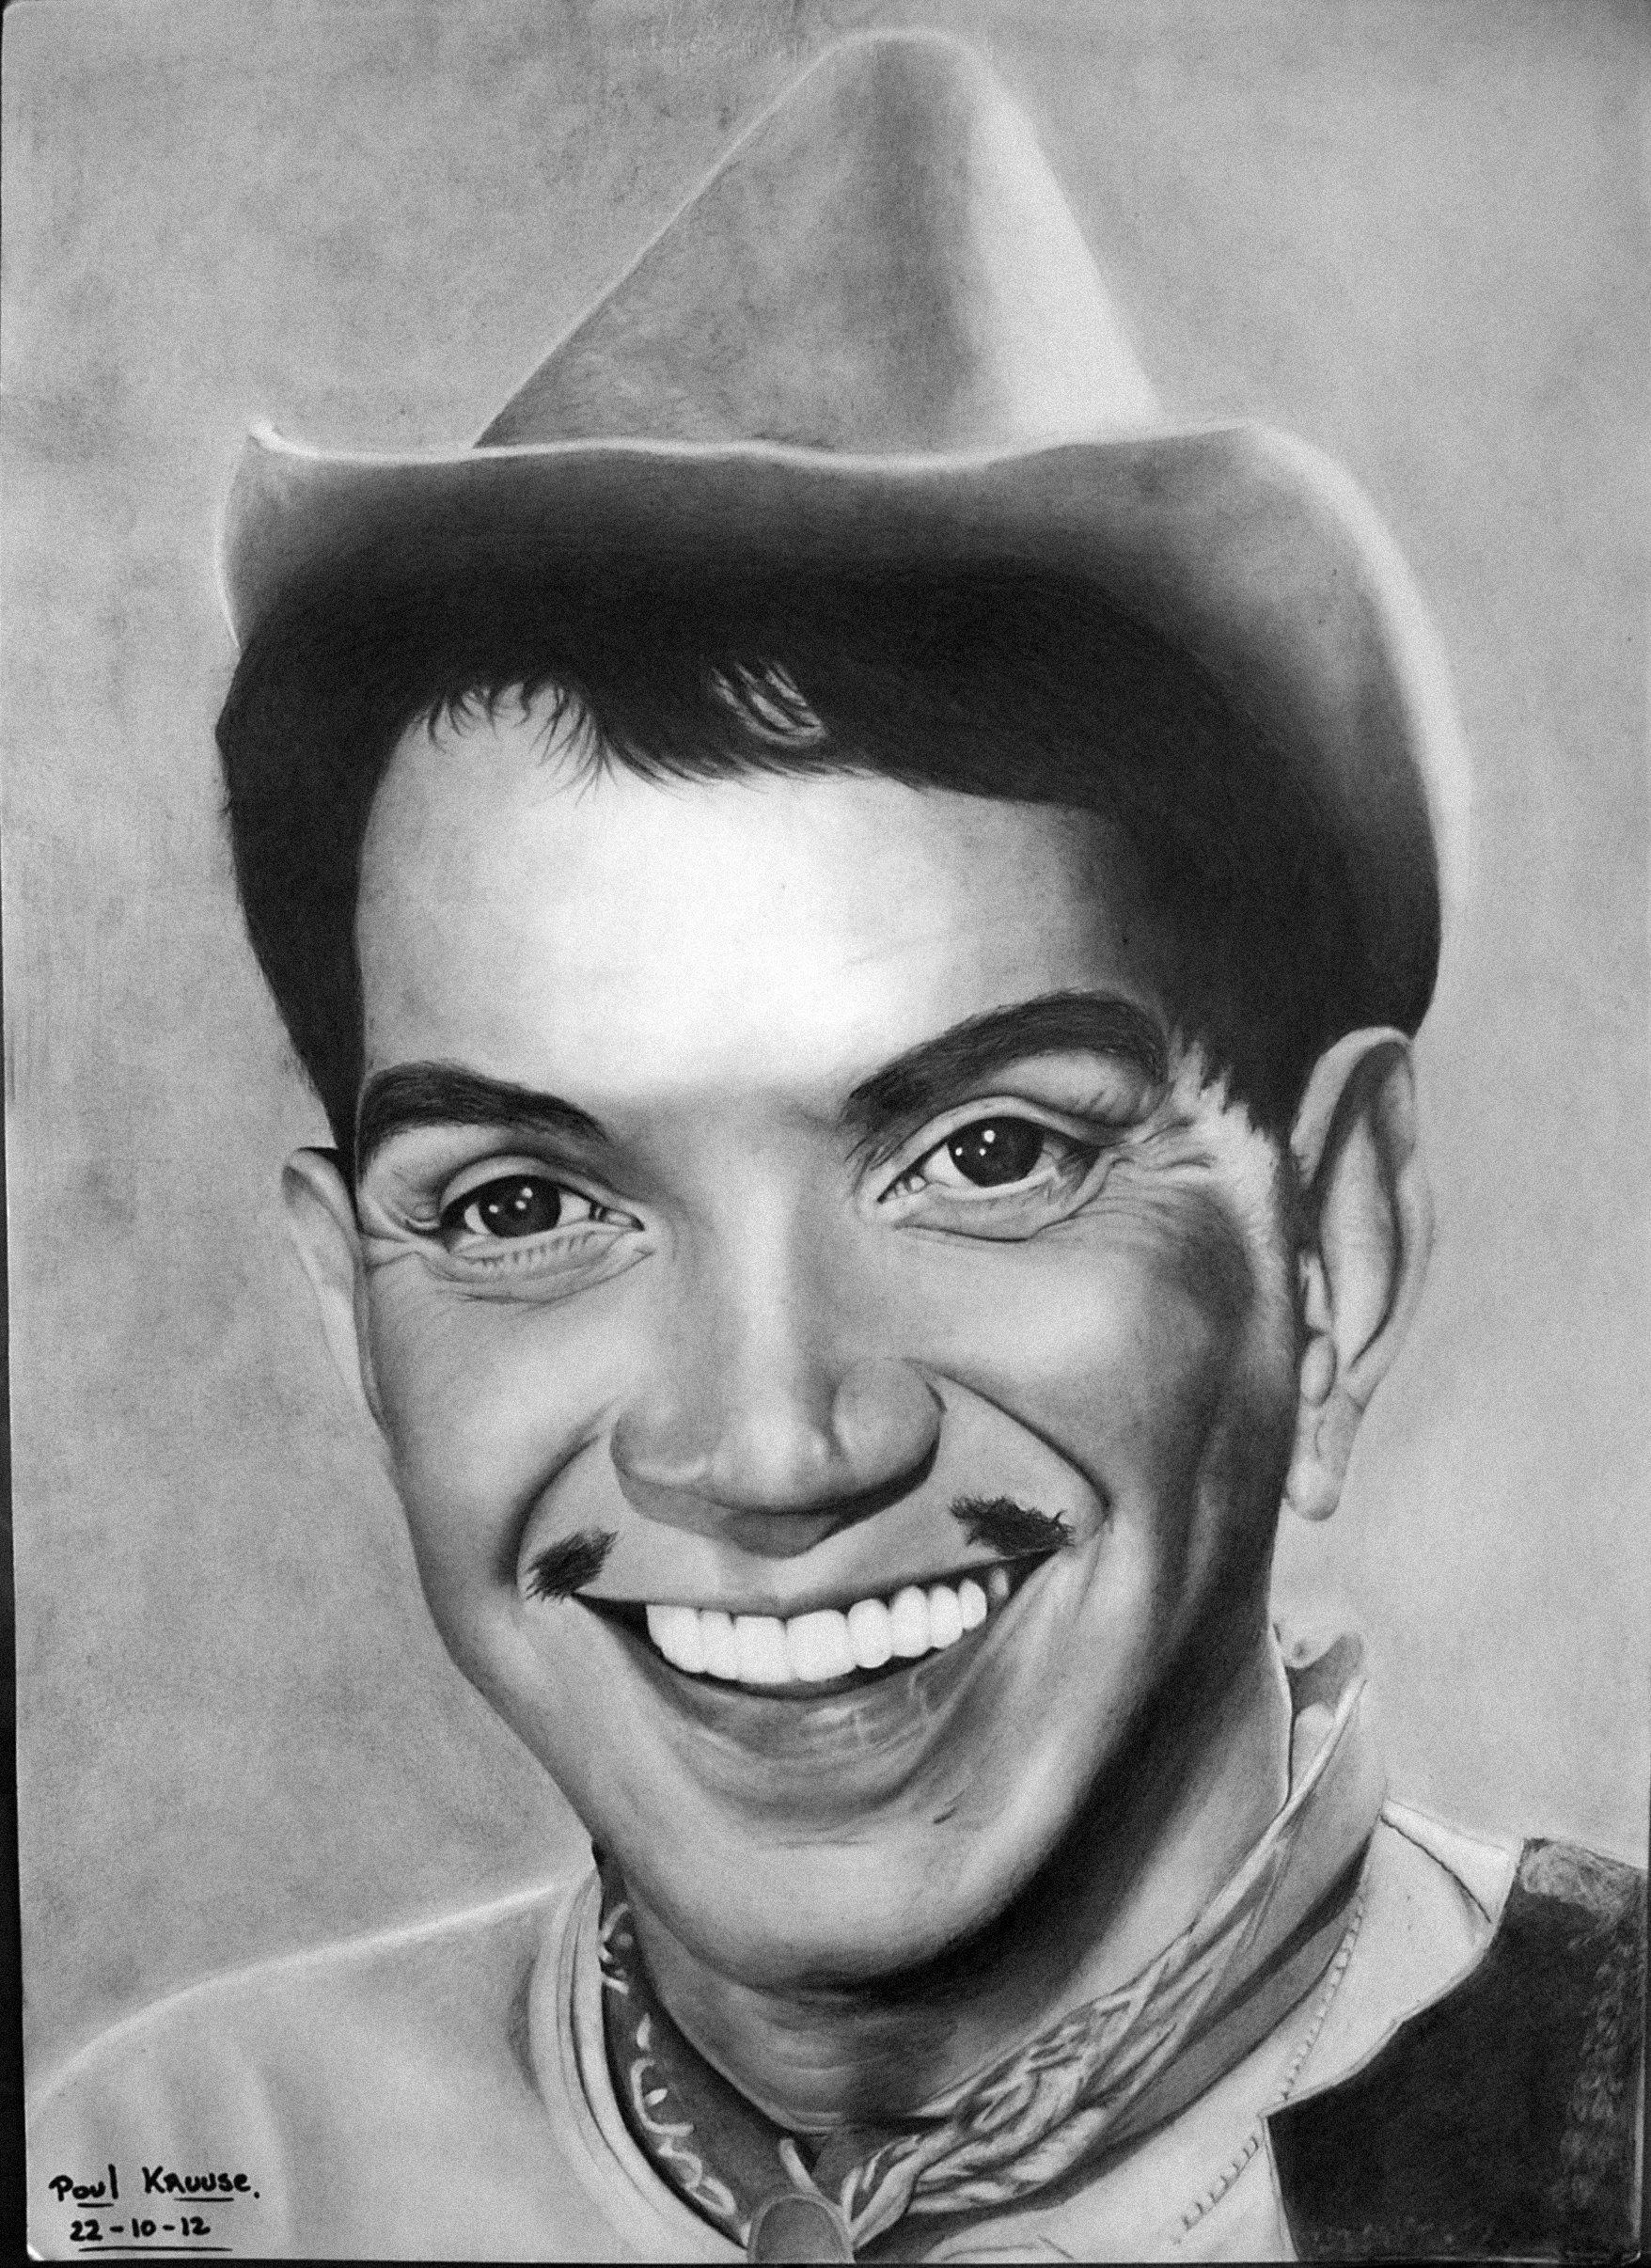 Biografía De Cantinflas Vida Y Obra De Mario Moreno Cantinflas Sus Logros Premios Familia Cantinflas Cantinflas Fotos Tatuaje De Freddie Mercury